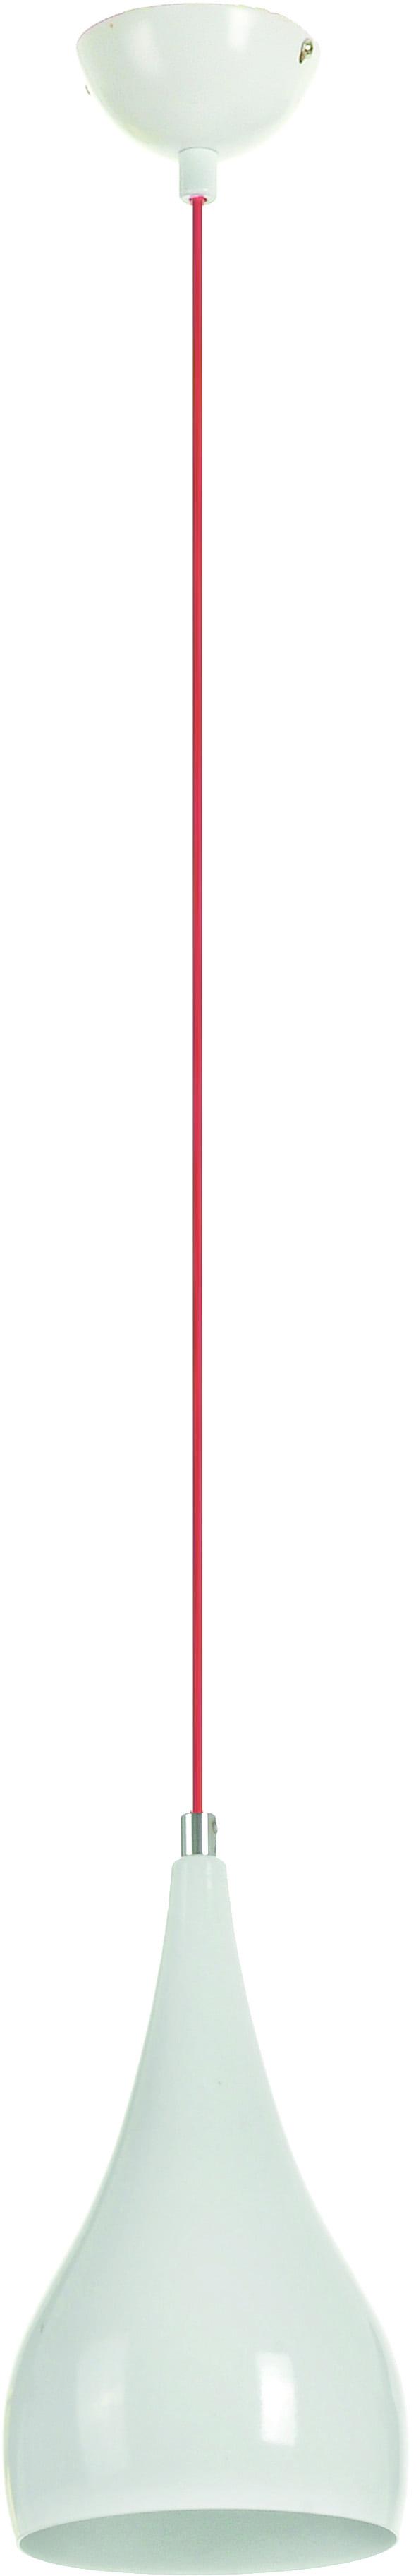 Lampa wisząca Erynie biały klosz czerwony kabel